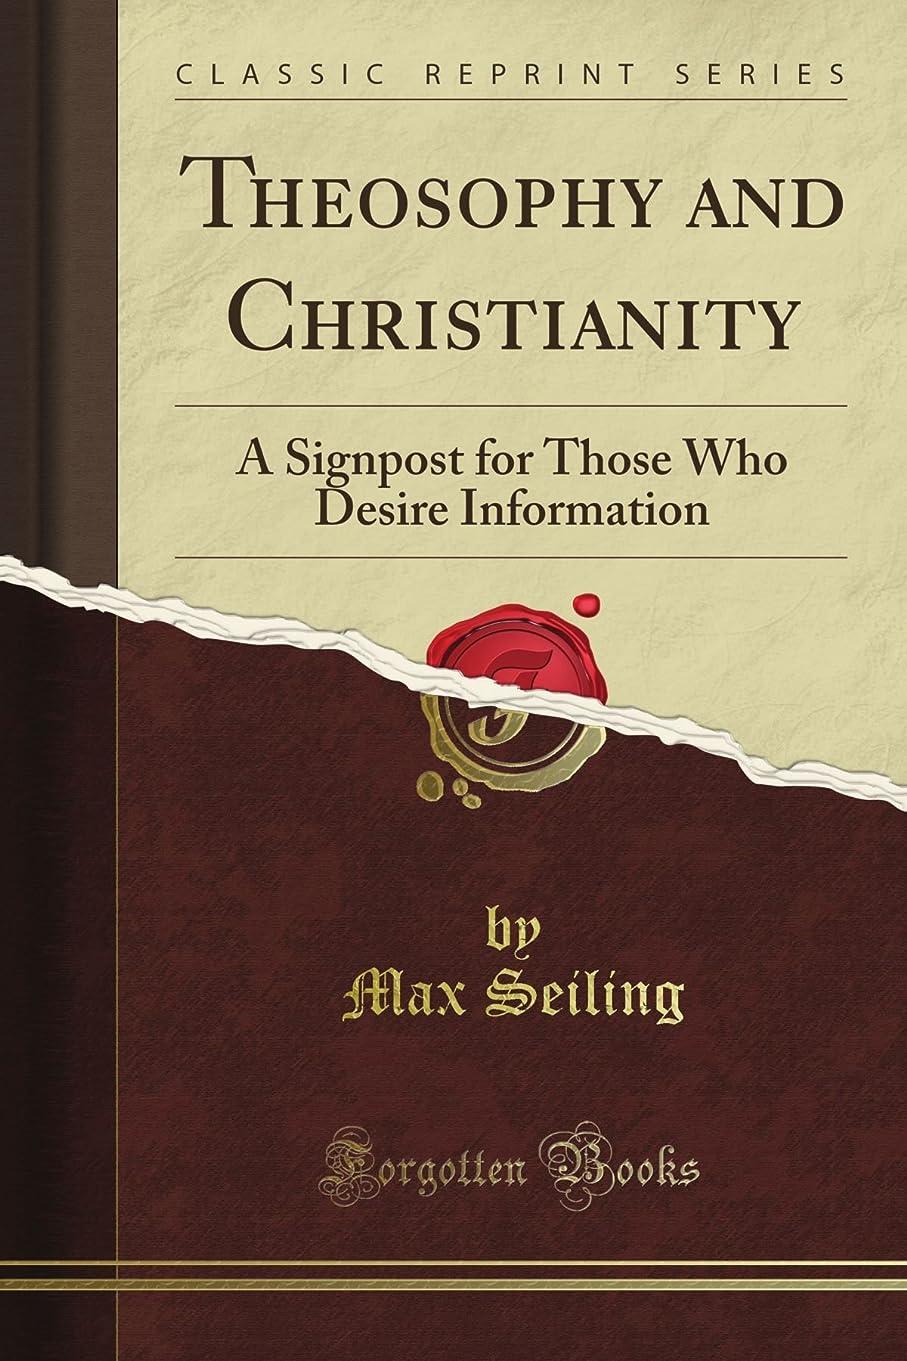 確保する半球乙女Theosophy and Christianity: A Signpost for Those Who Desire Information (Classic Reprint)